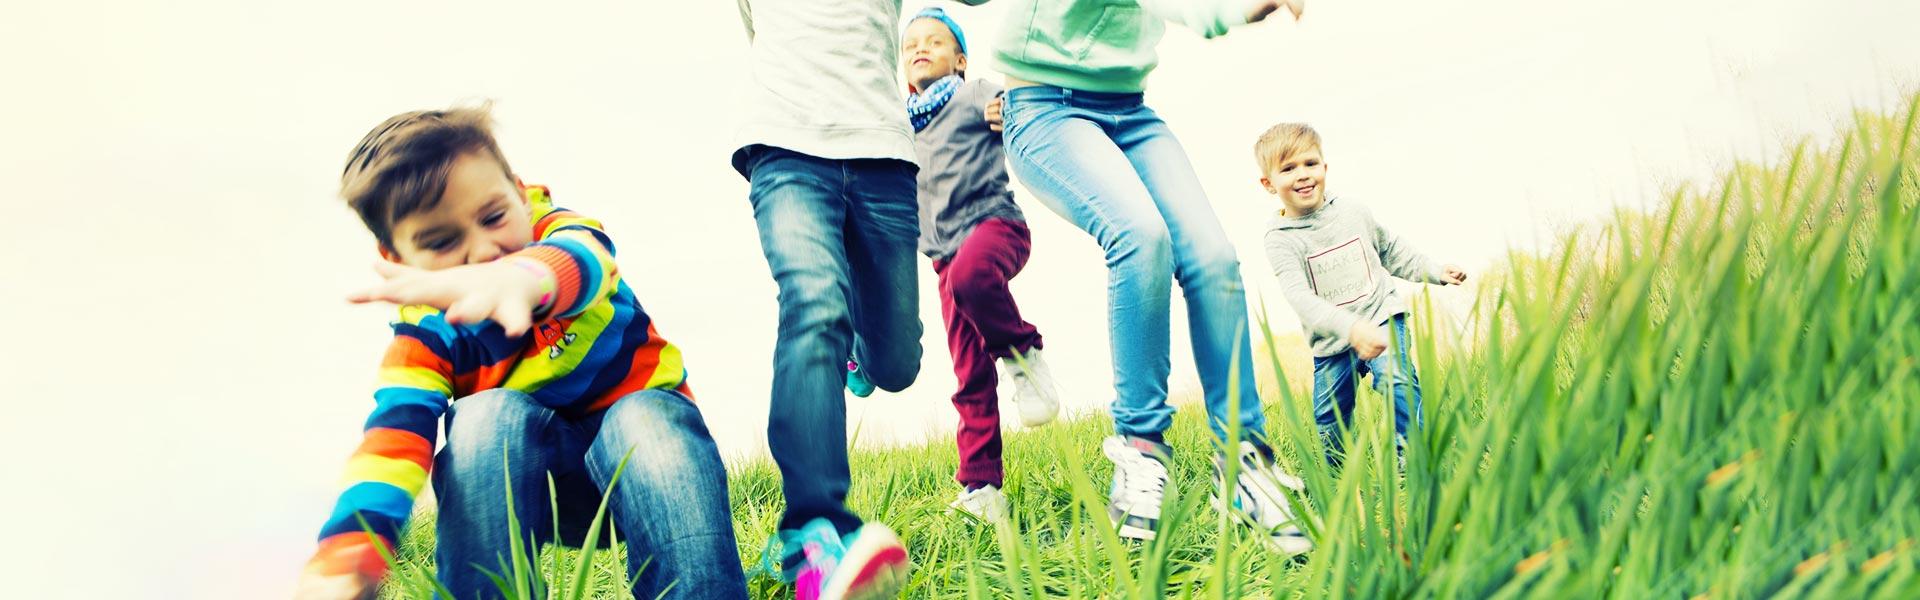 Orthopädie-Schuhtechnik Schwörer in Neustadt- Kinderschuhe die passen